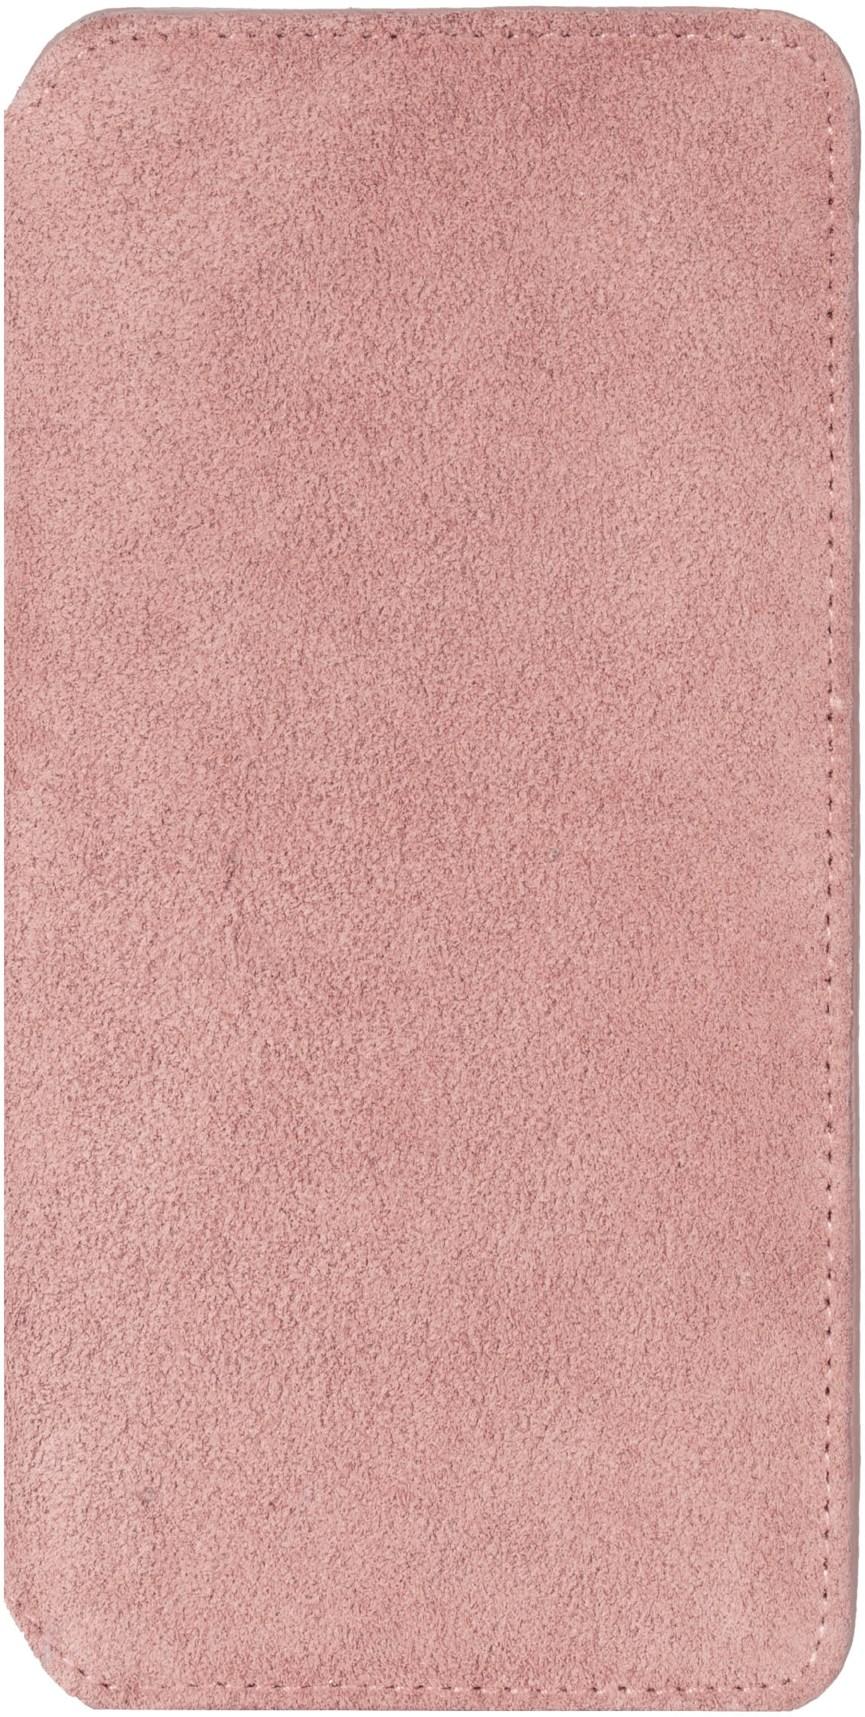 Krusell Broby 4 Card Slimwallet Samsung Galaxy S10 Plus Pink